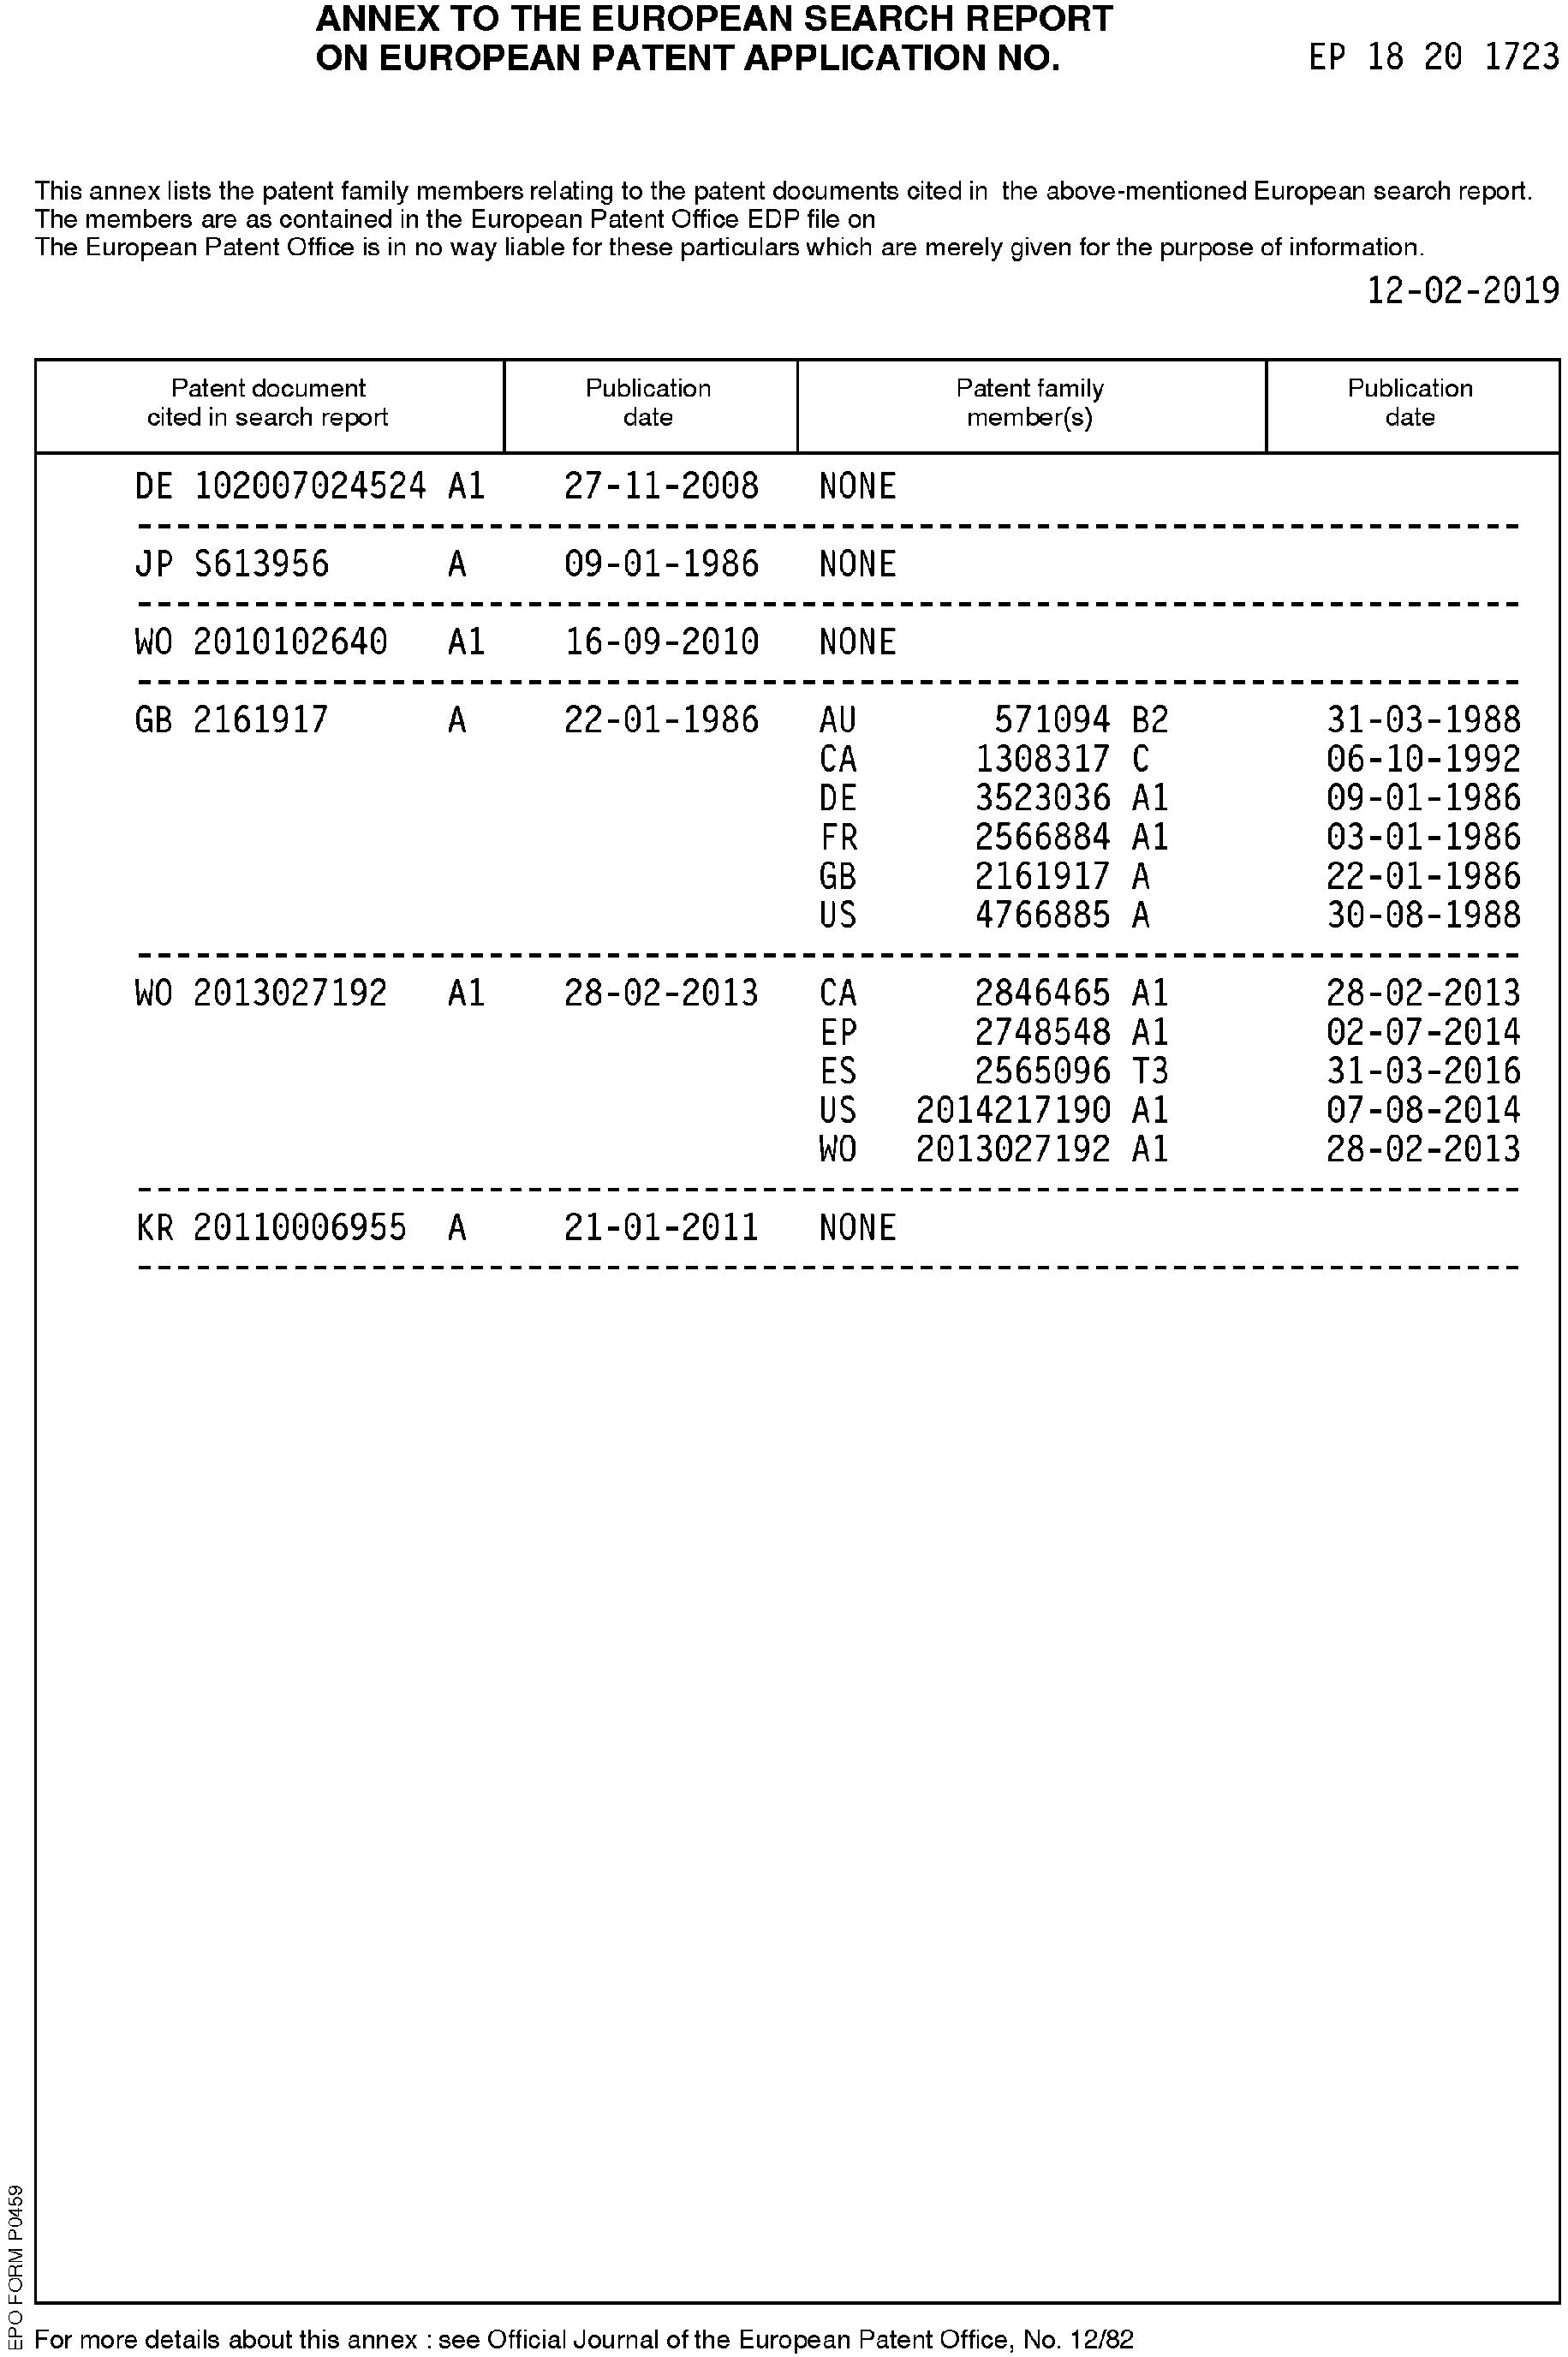 Gemütlich 5 Wege Flachschaltplan Bilder - Elektrische Schaltplan ...